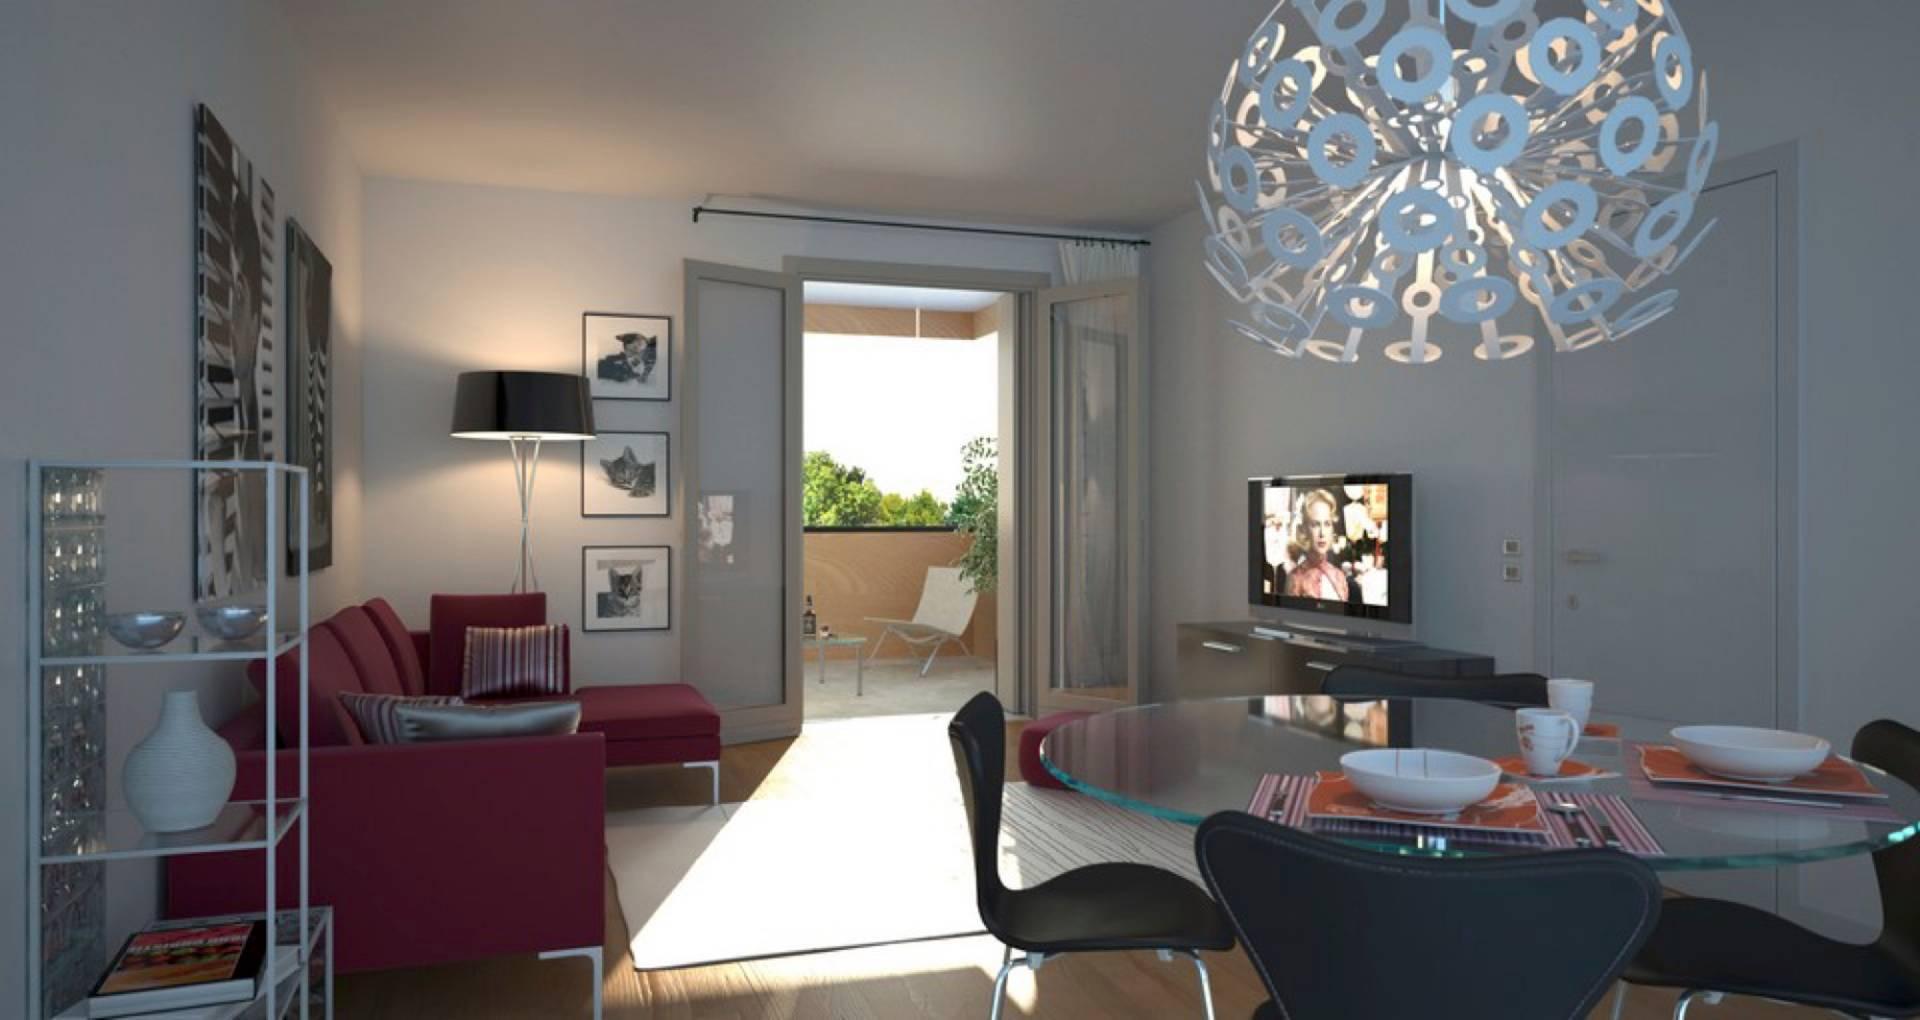 Appartamento in vendita a Silea, 3 locali, prezzo € 117.000 | CambioCasa.it